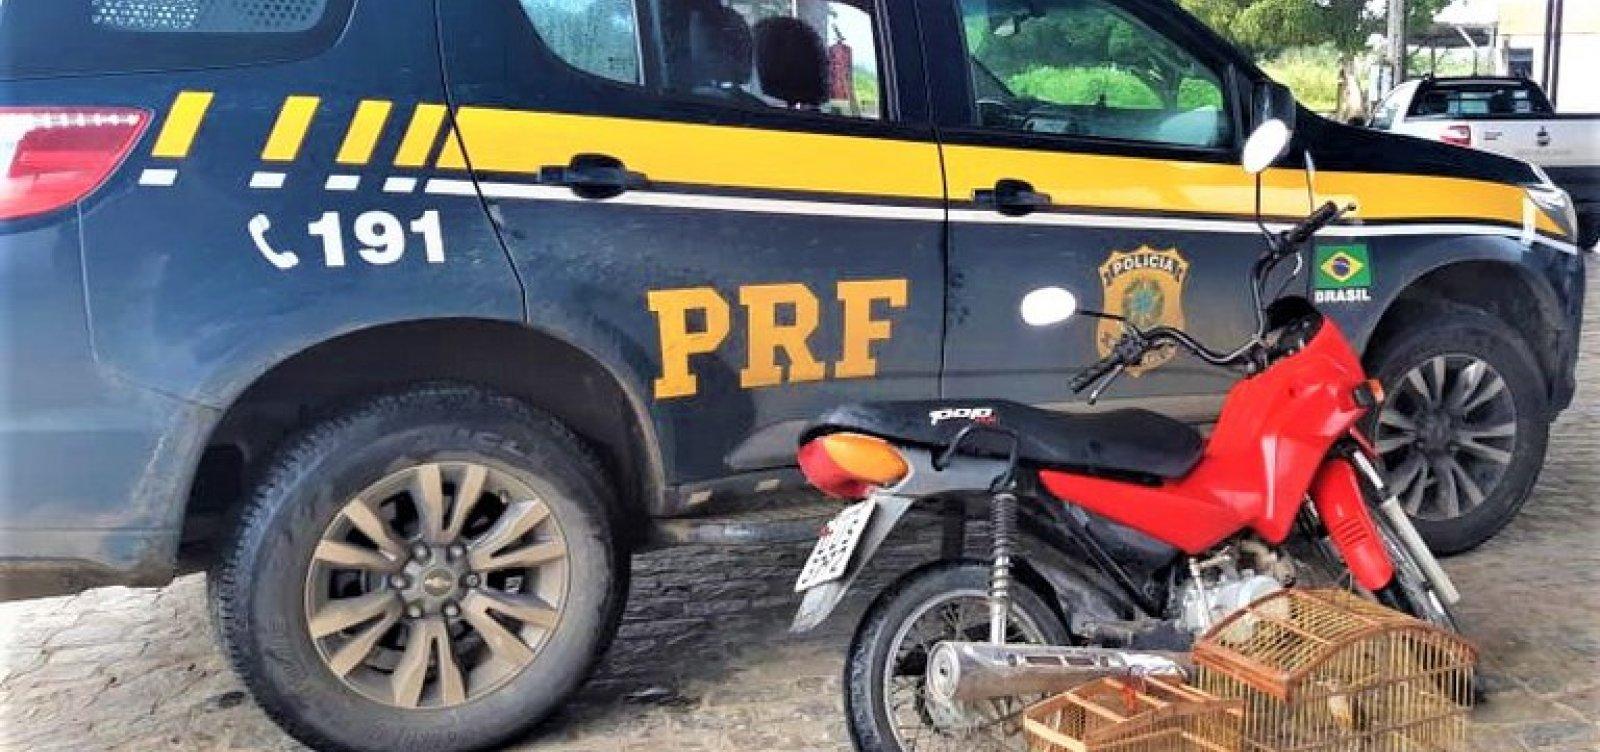 PRF prende homem que traficava pássaros silvestres